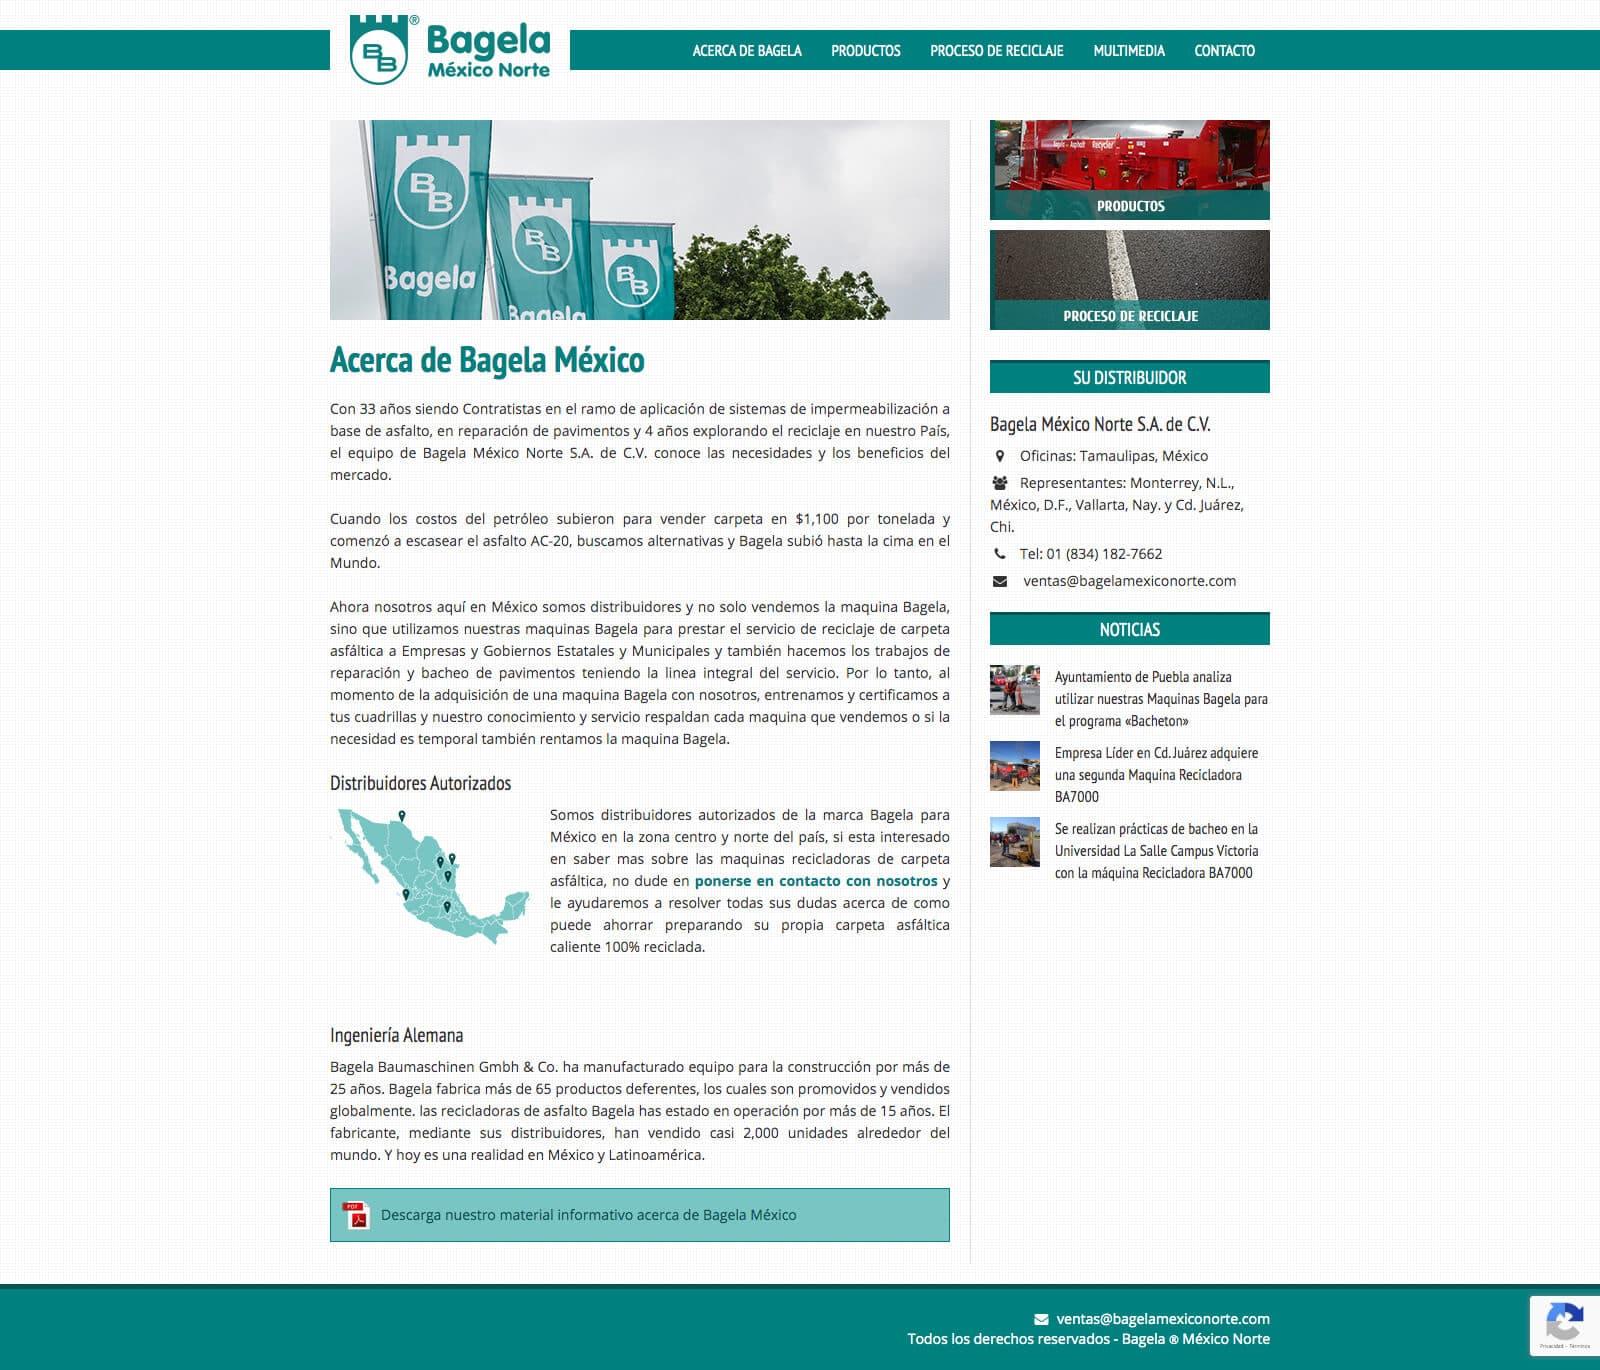 Bagela México Norte - Acerca